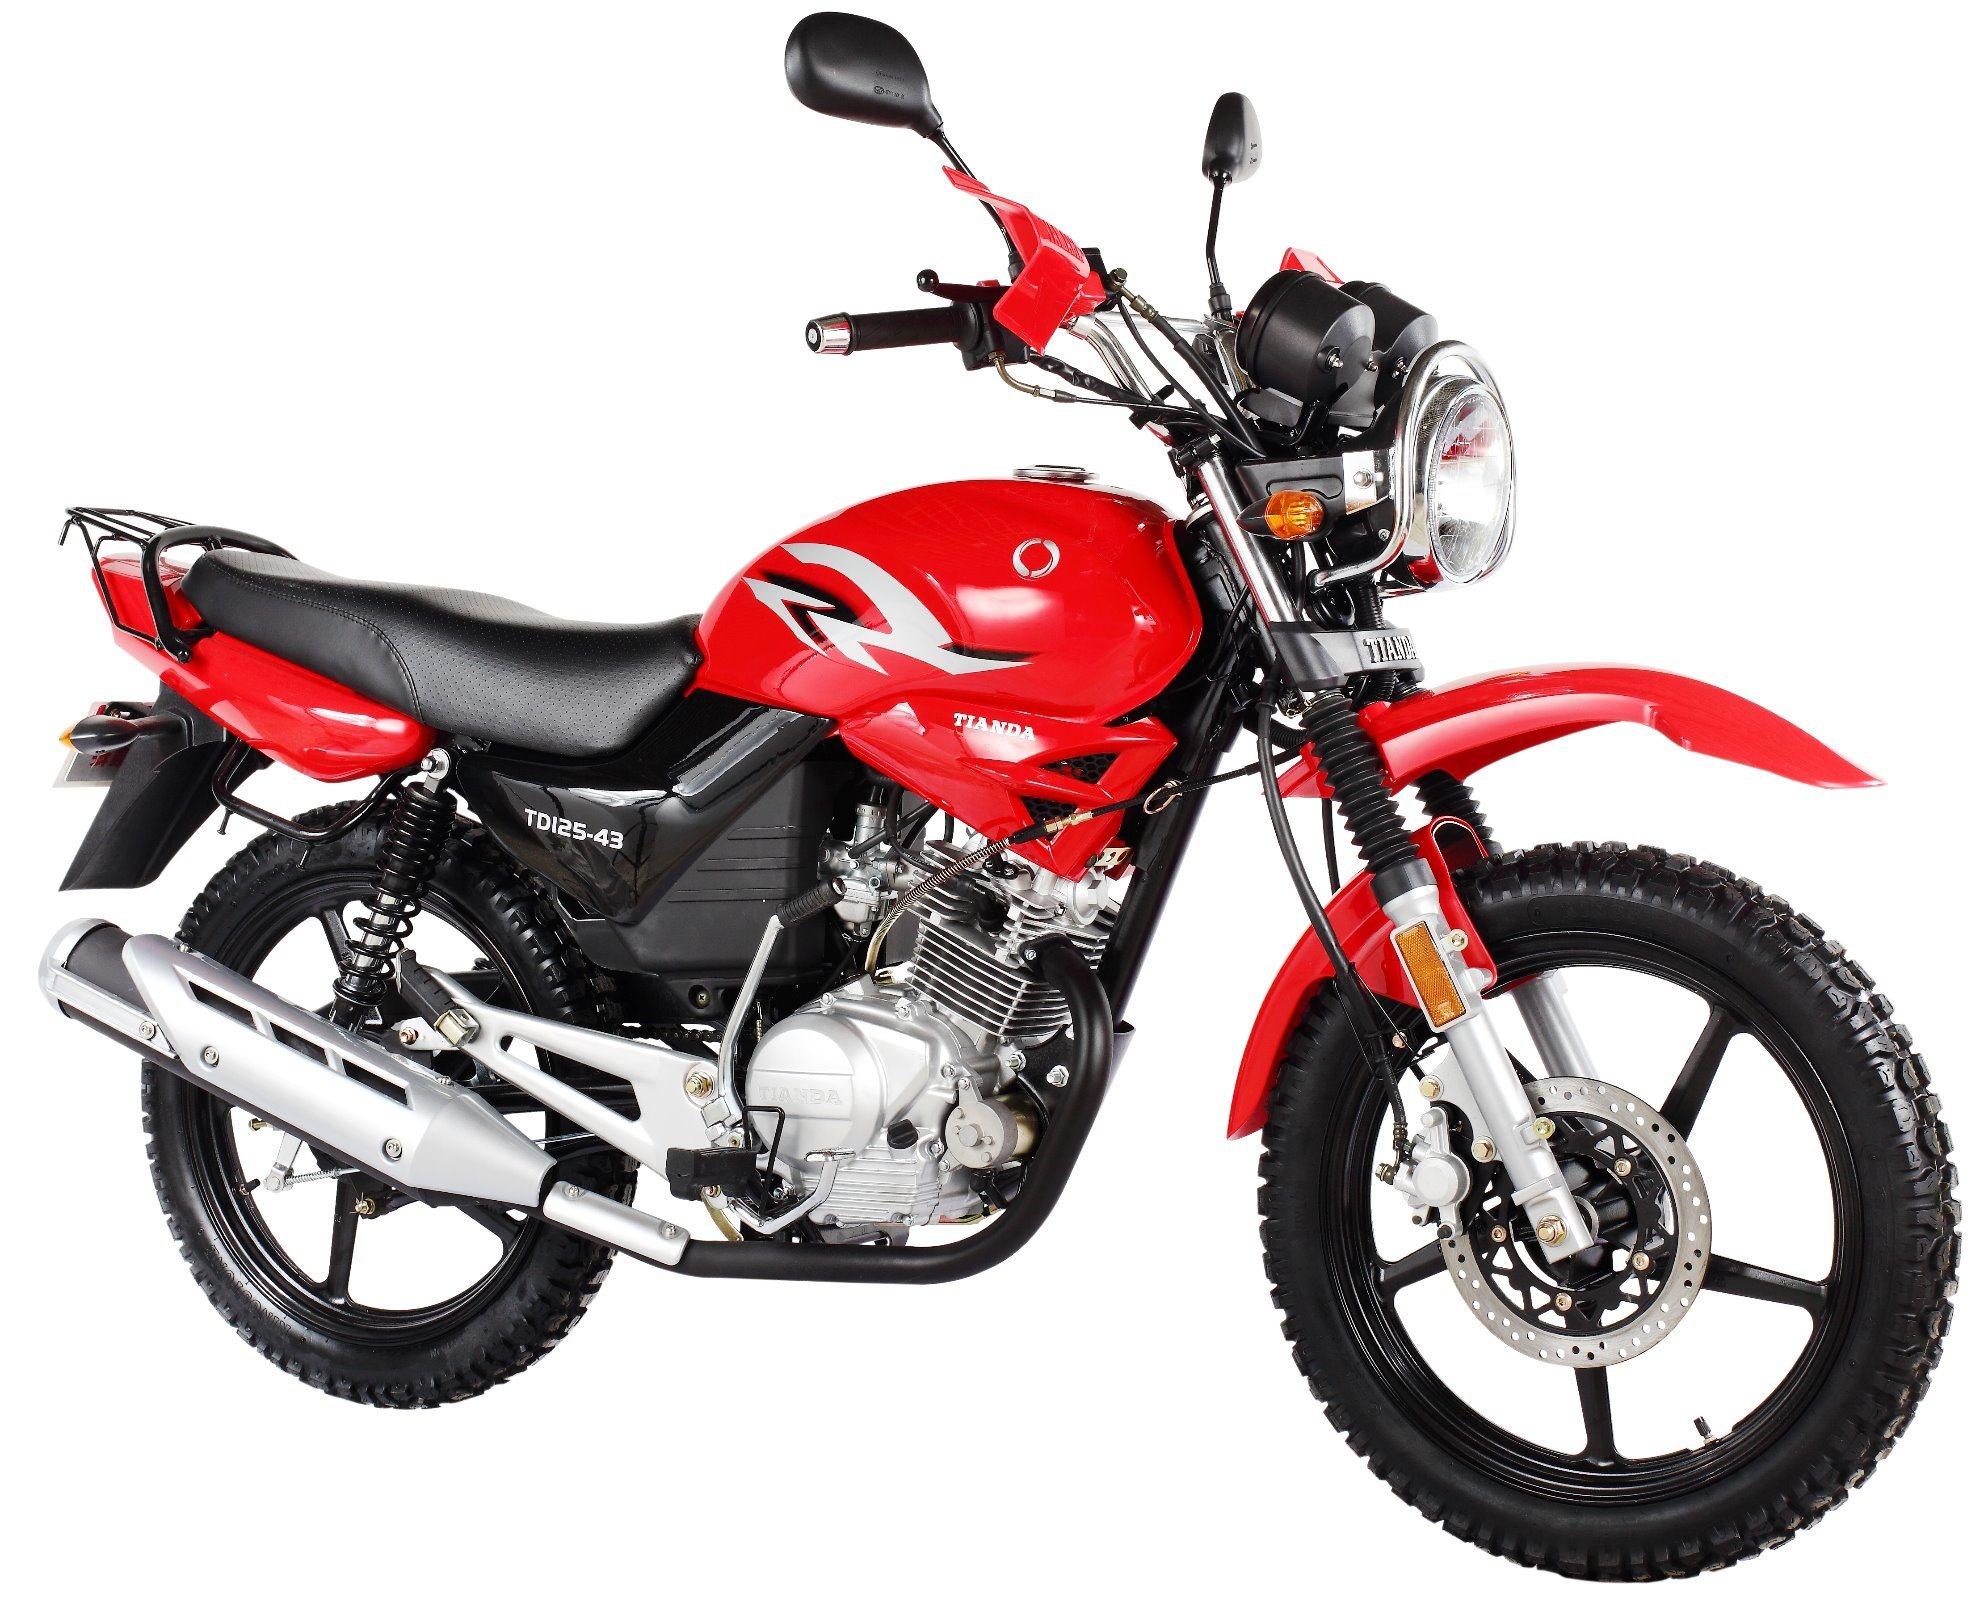 Ybr off Road Motorcycle